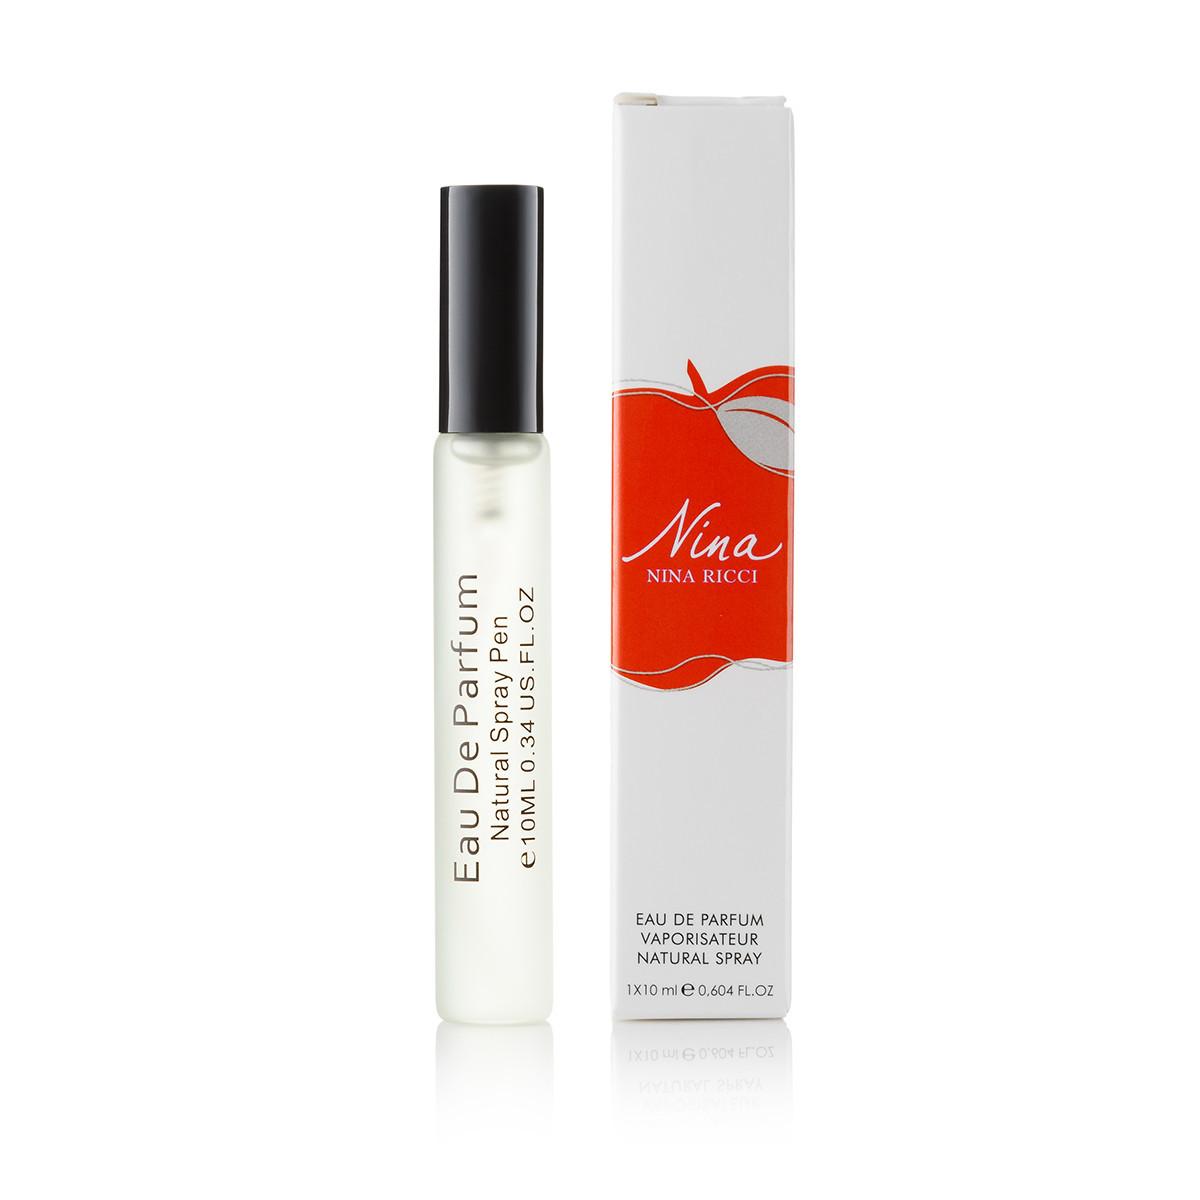 10 мл парфюм спрей миниатюра в ручке  Nina Ricci Nina (Ж)  Д- 71